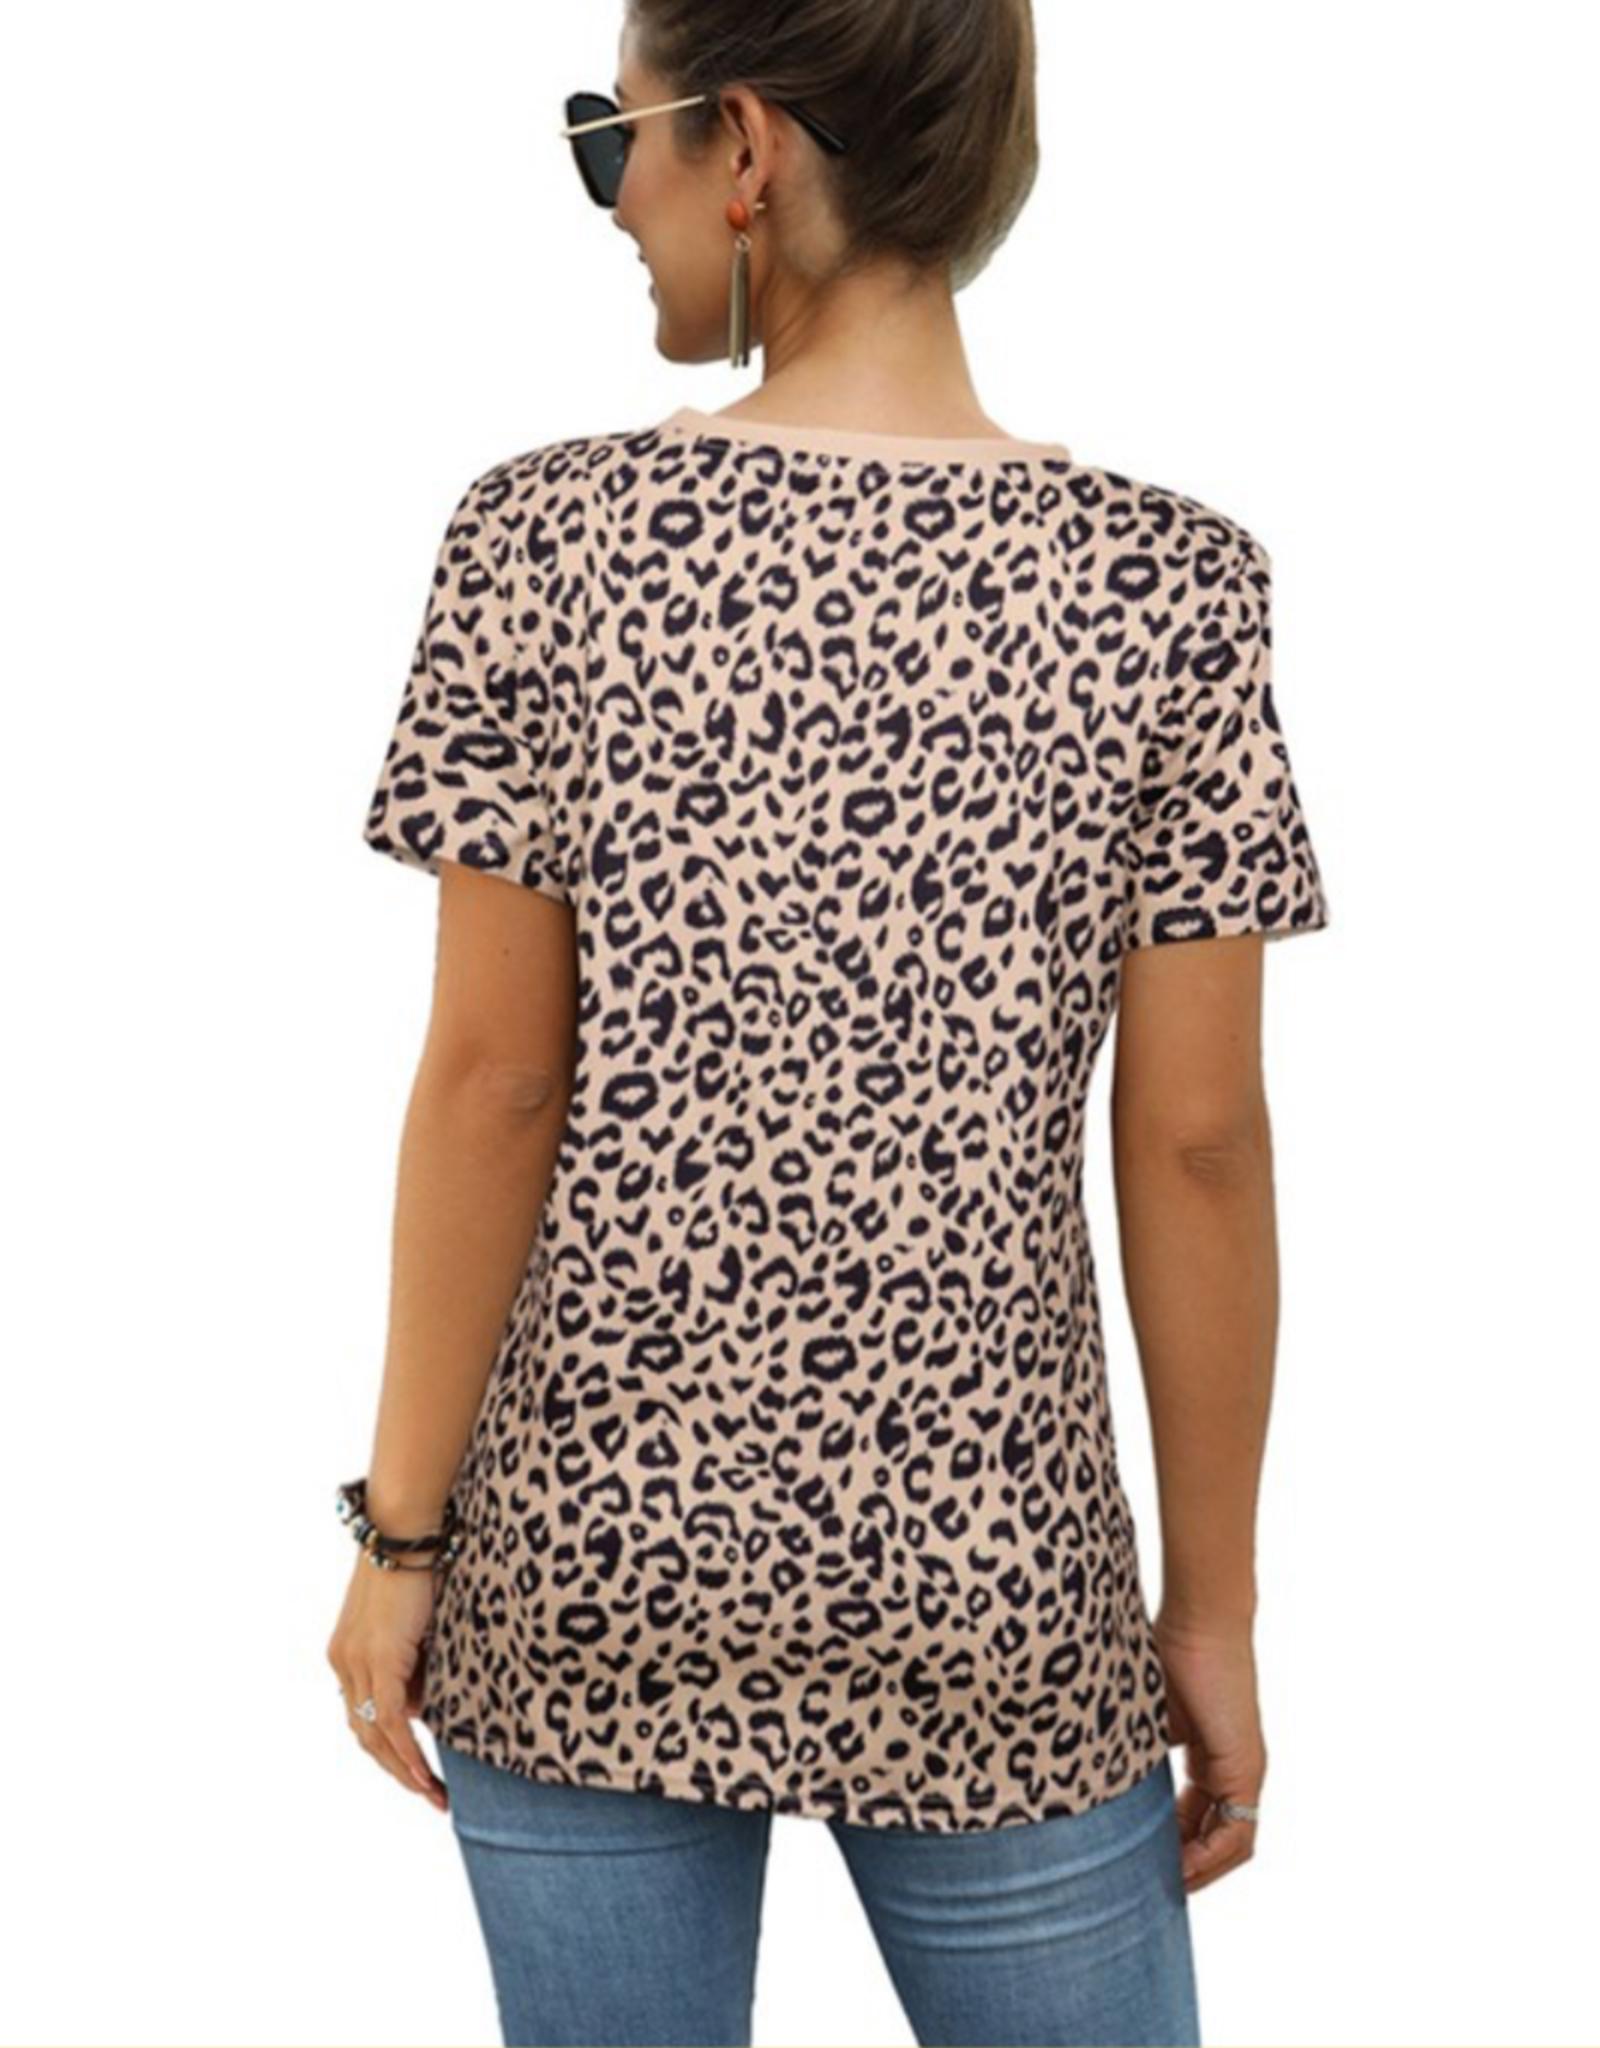 Round Neck Leopard Print Short Sleeve Top - Khaki